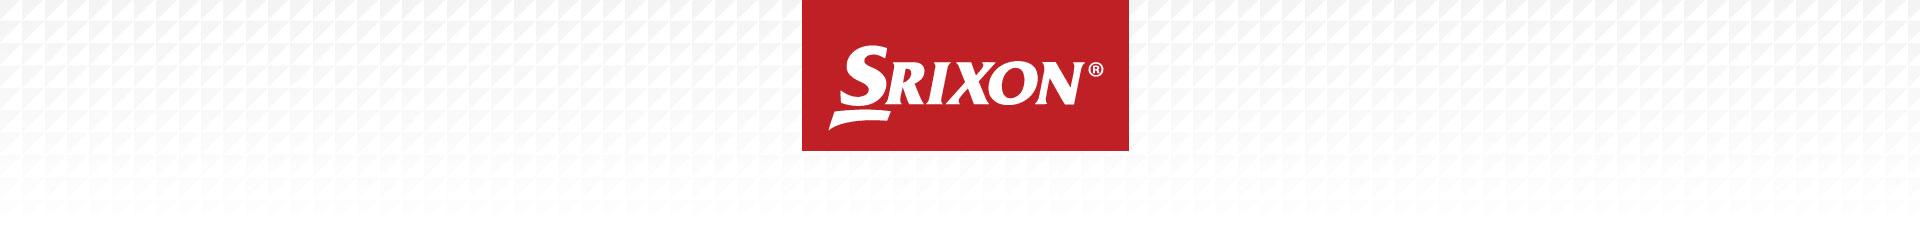 Srixon Shop Header